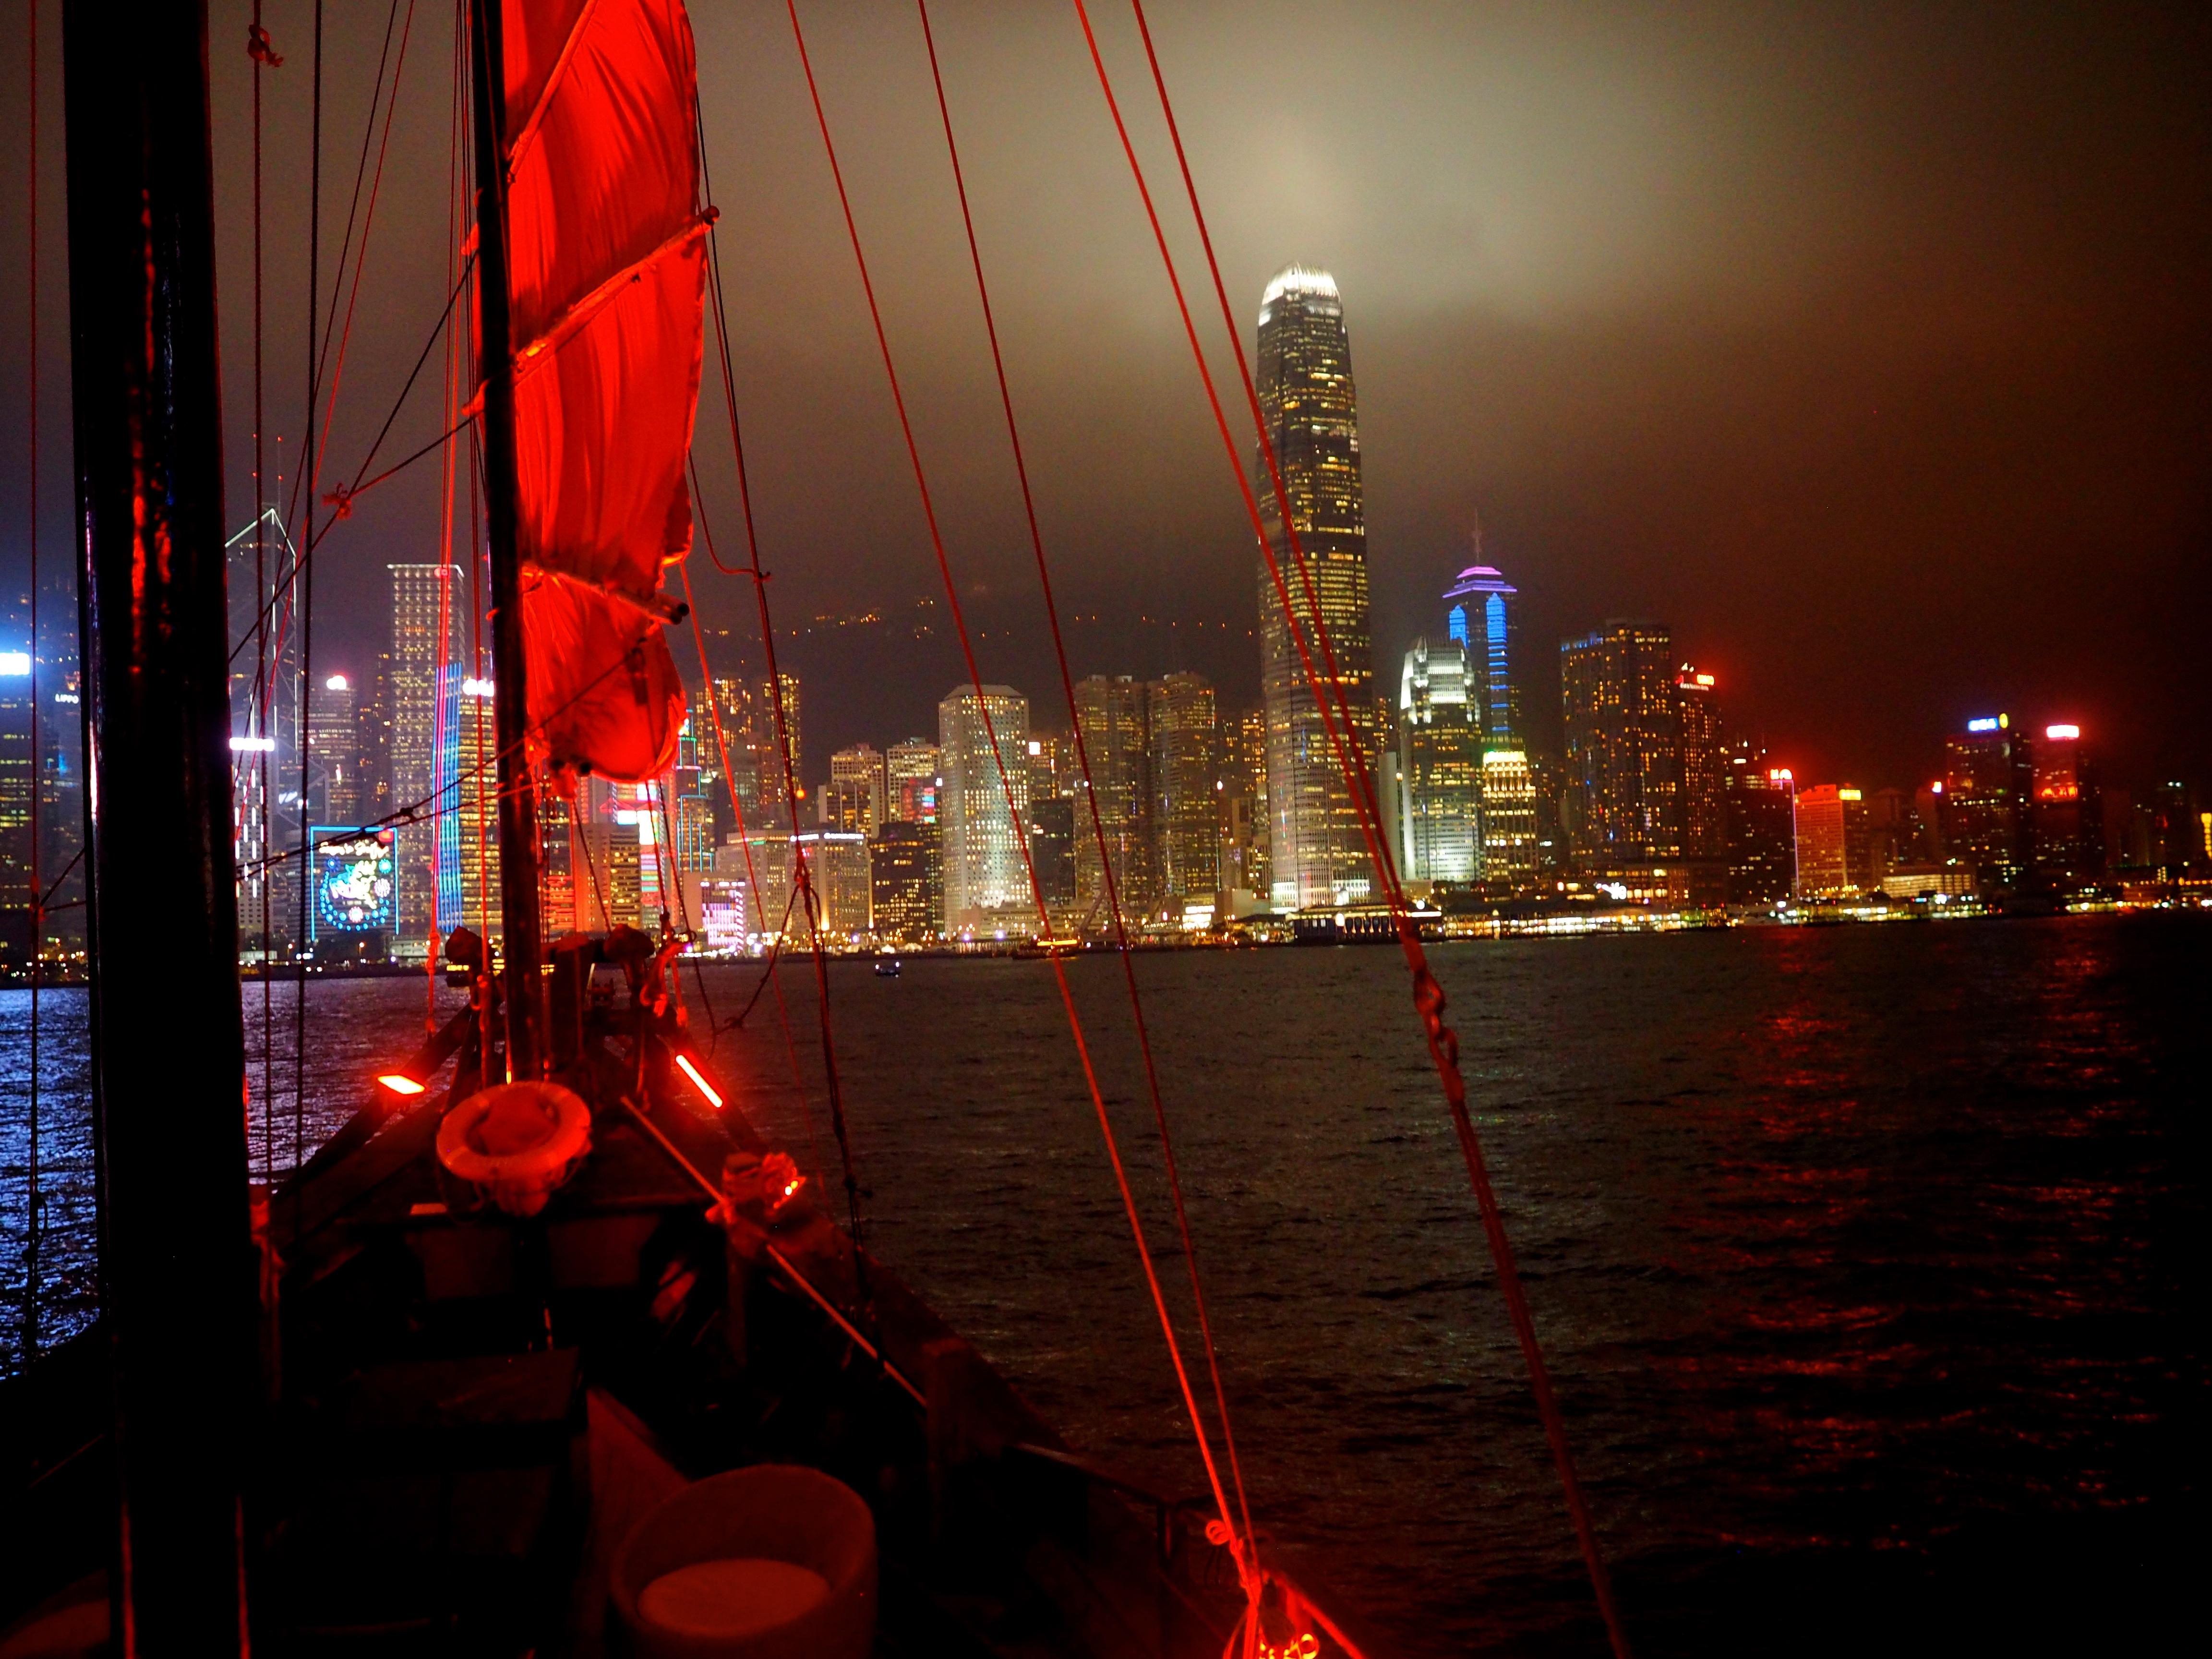 Croisière privée dans la Baie de Hong-Kong - Grand Voyage 2017